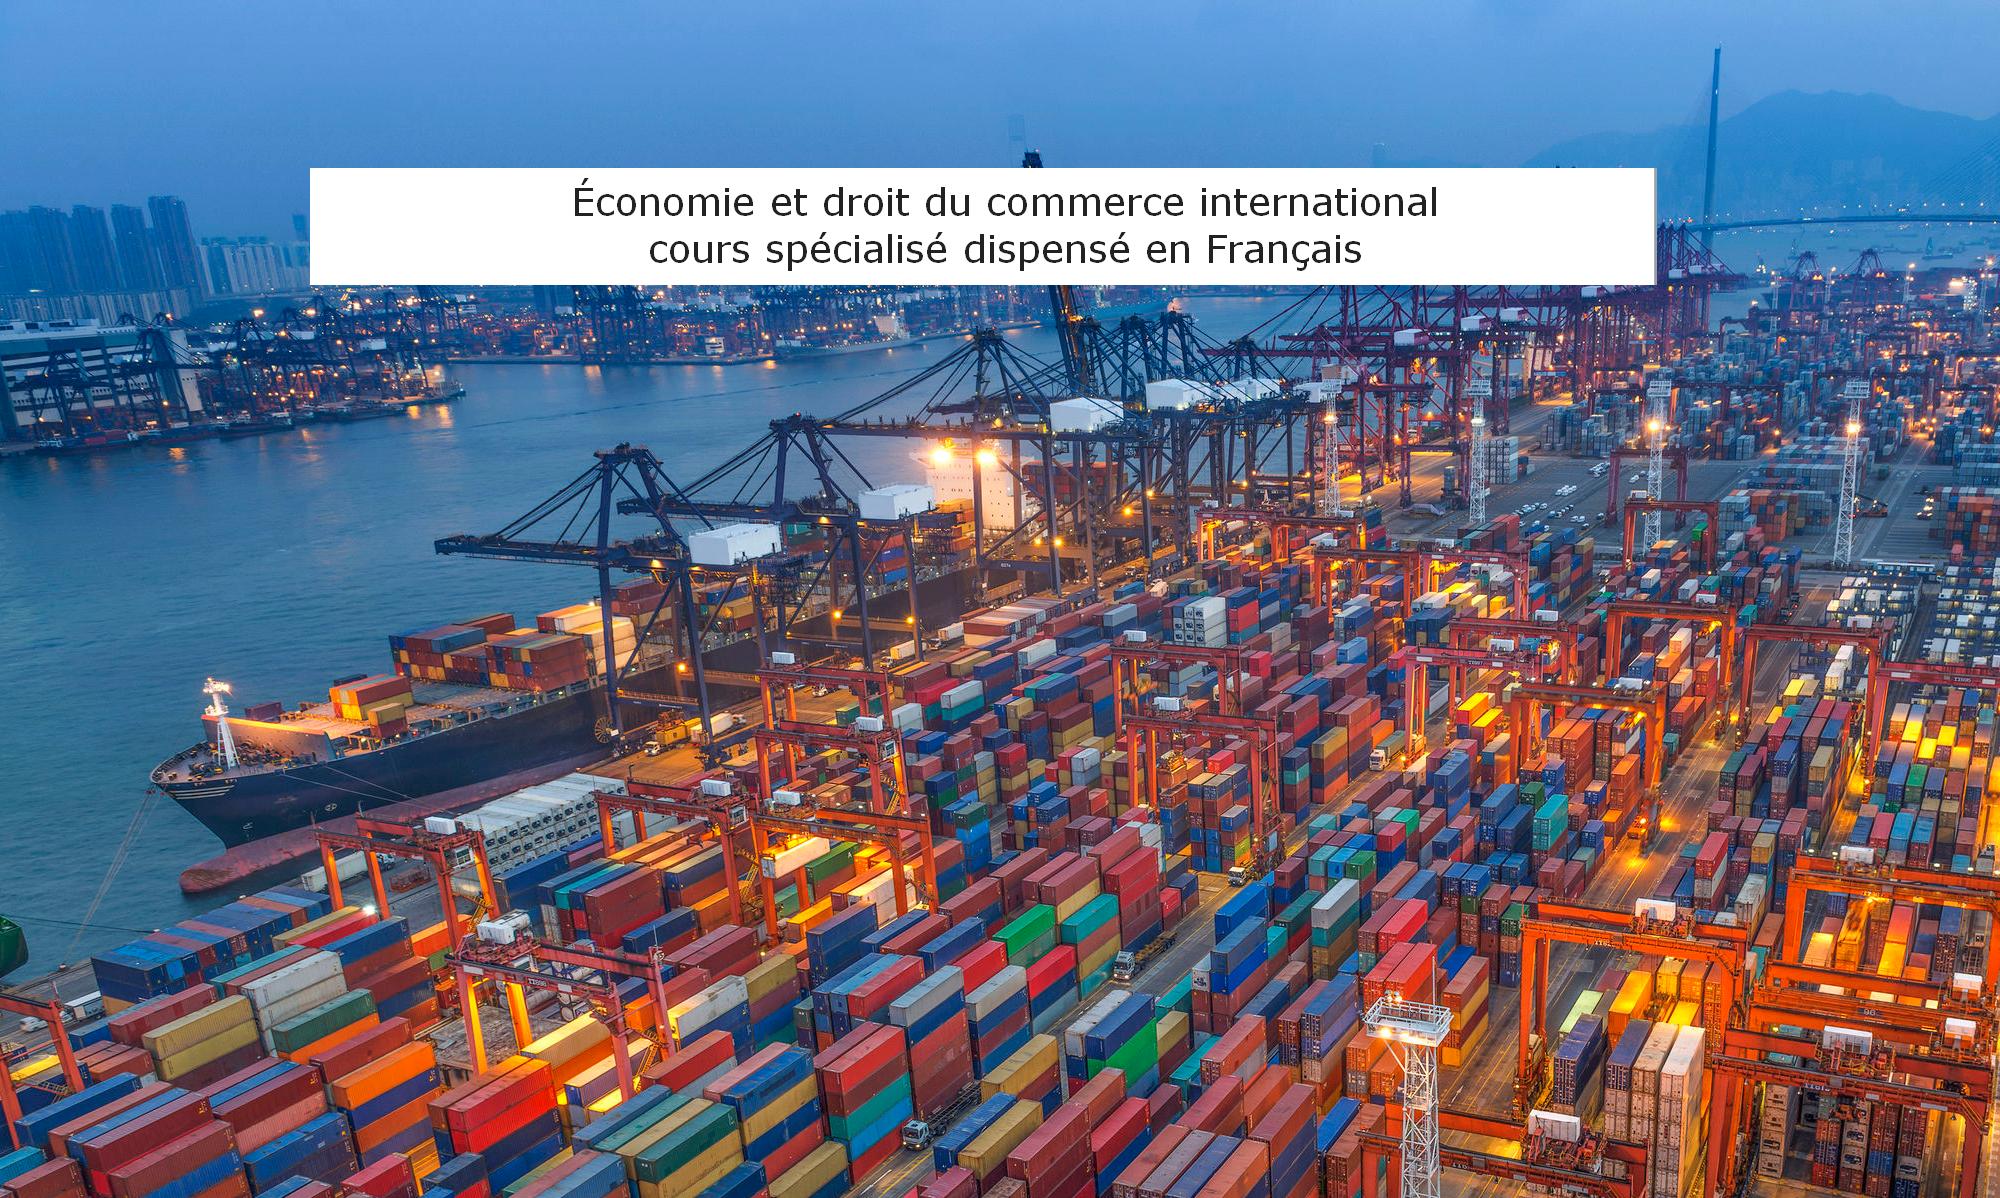 Economie et droit du commerce international